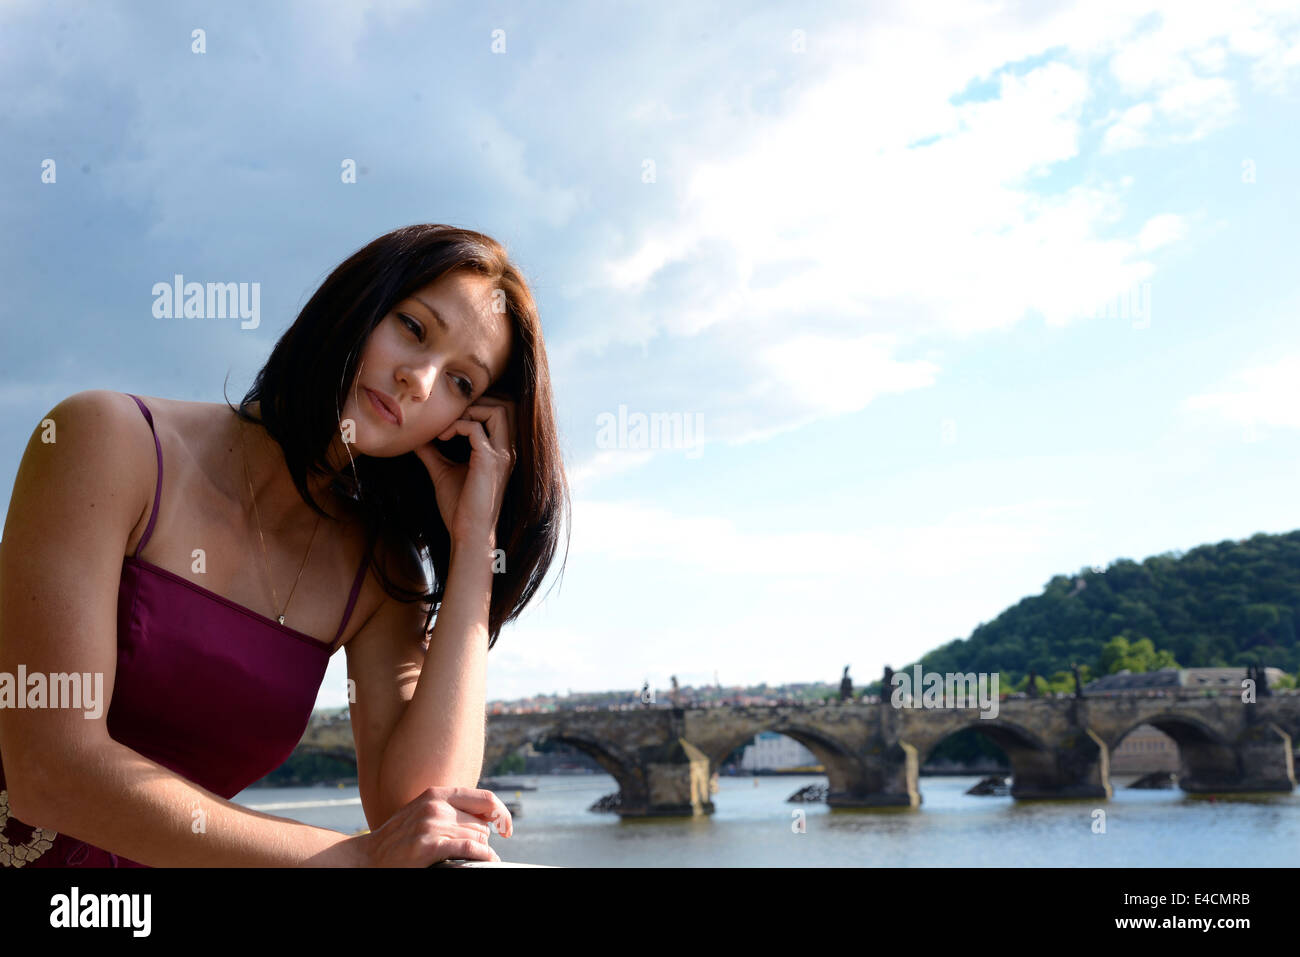 Belle Dame penser avec inquiétude en face d'un pont panoramique, rivière, montagne et ciel Photo Stock